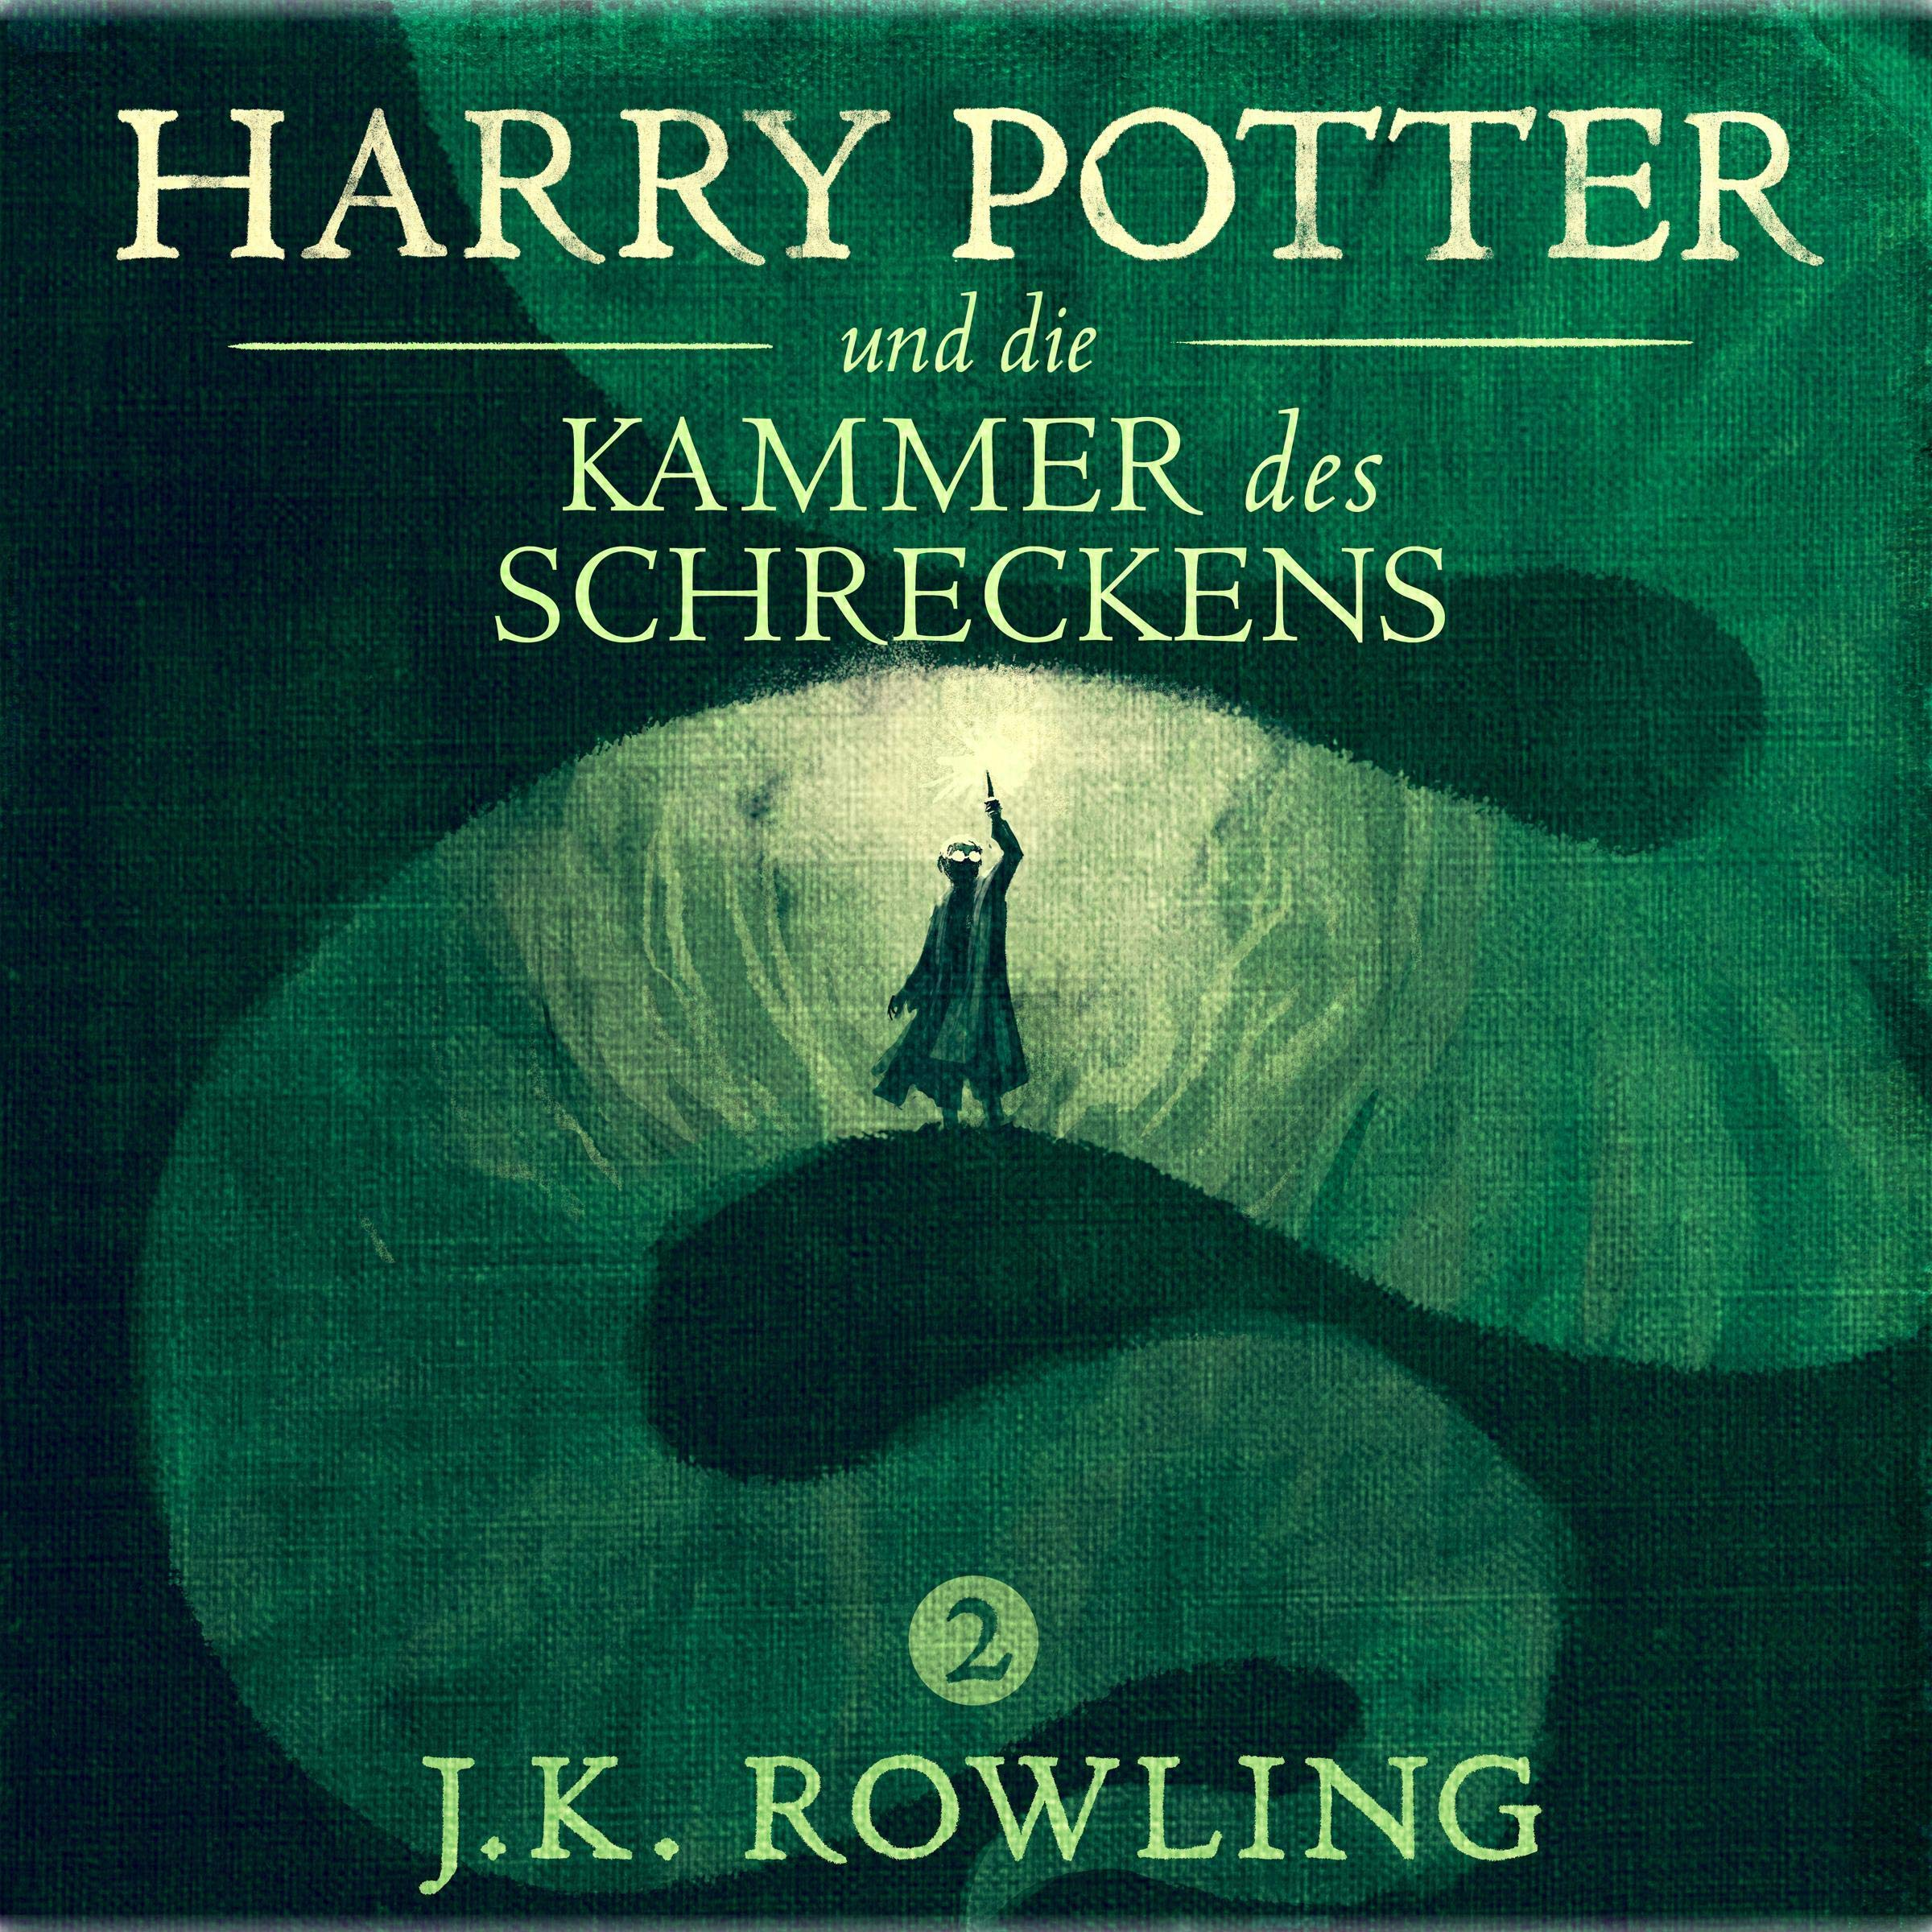 Coverbild von Harry Potter und die Kammer des Schreckens, von J.K. Rowling